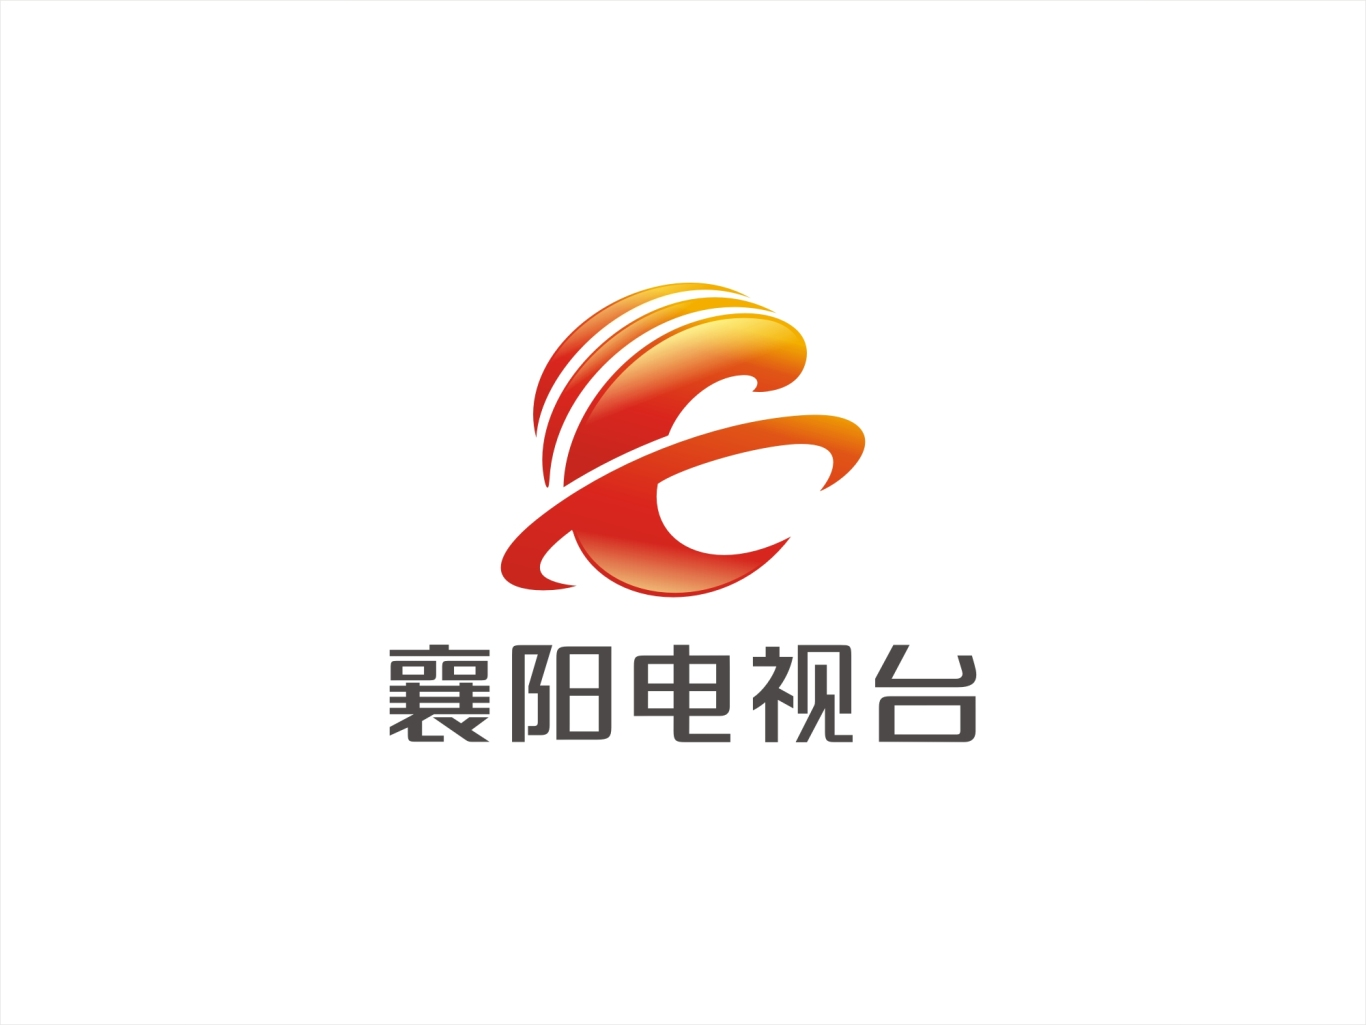 襄阳广播电视台台标设计图0